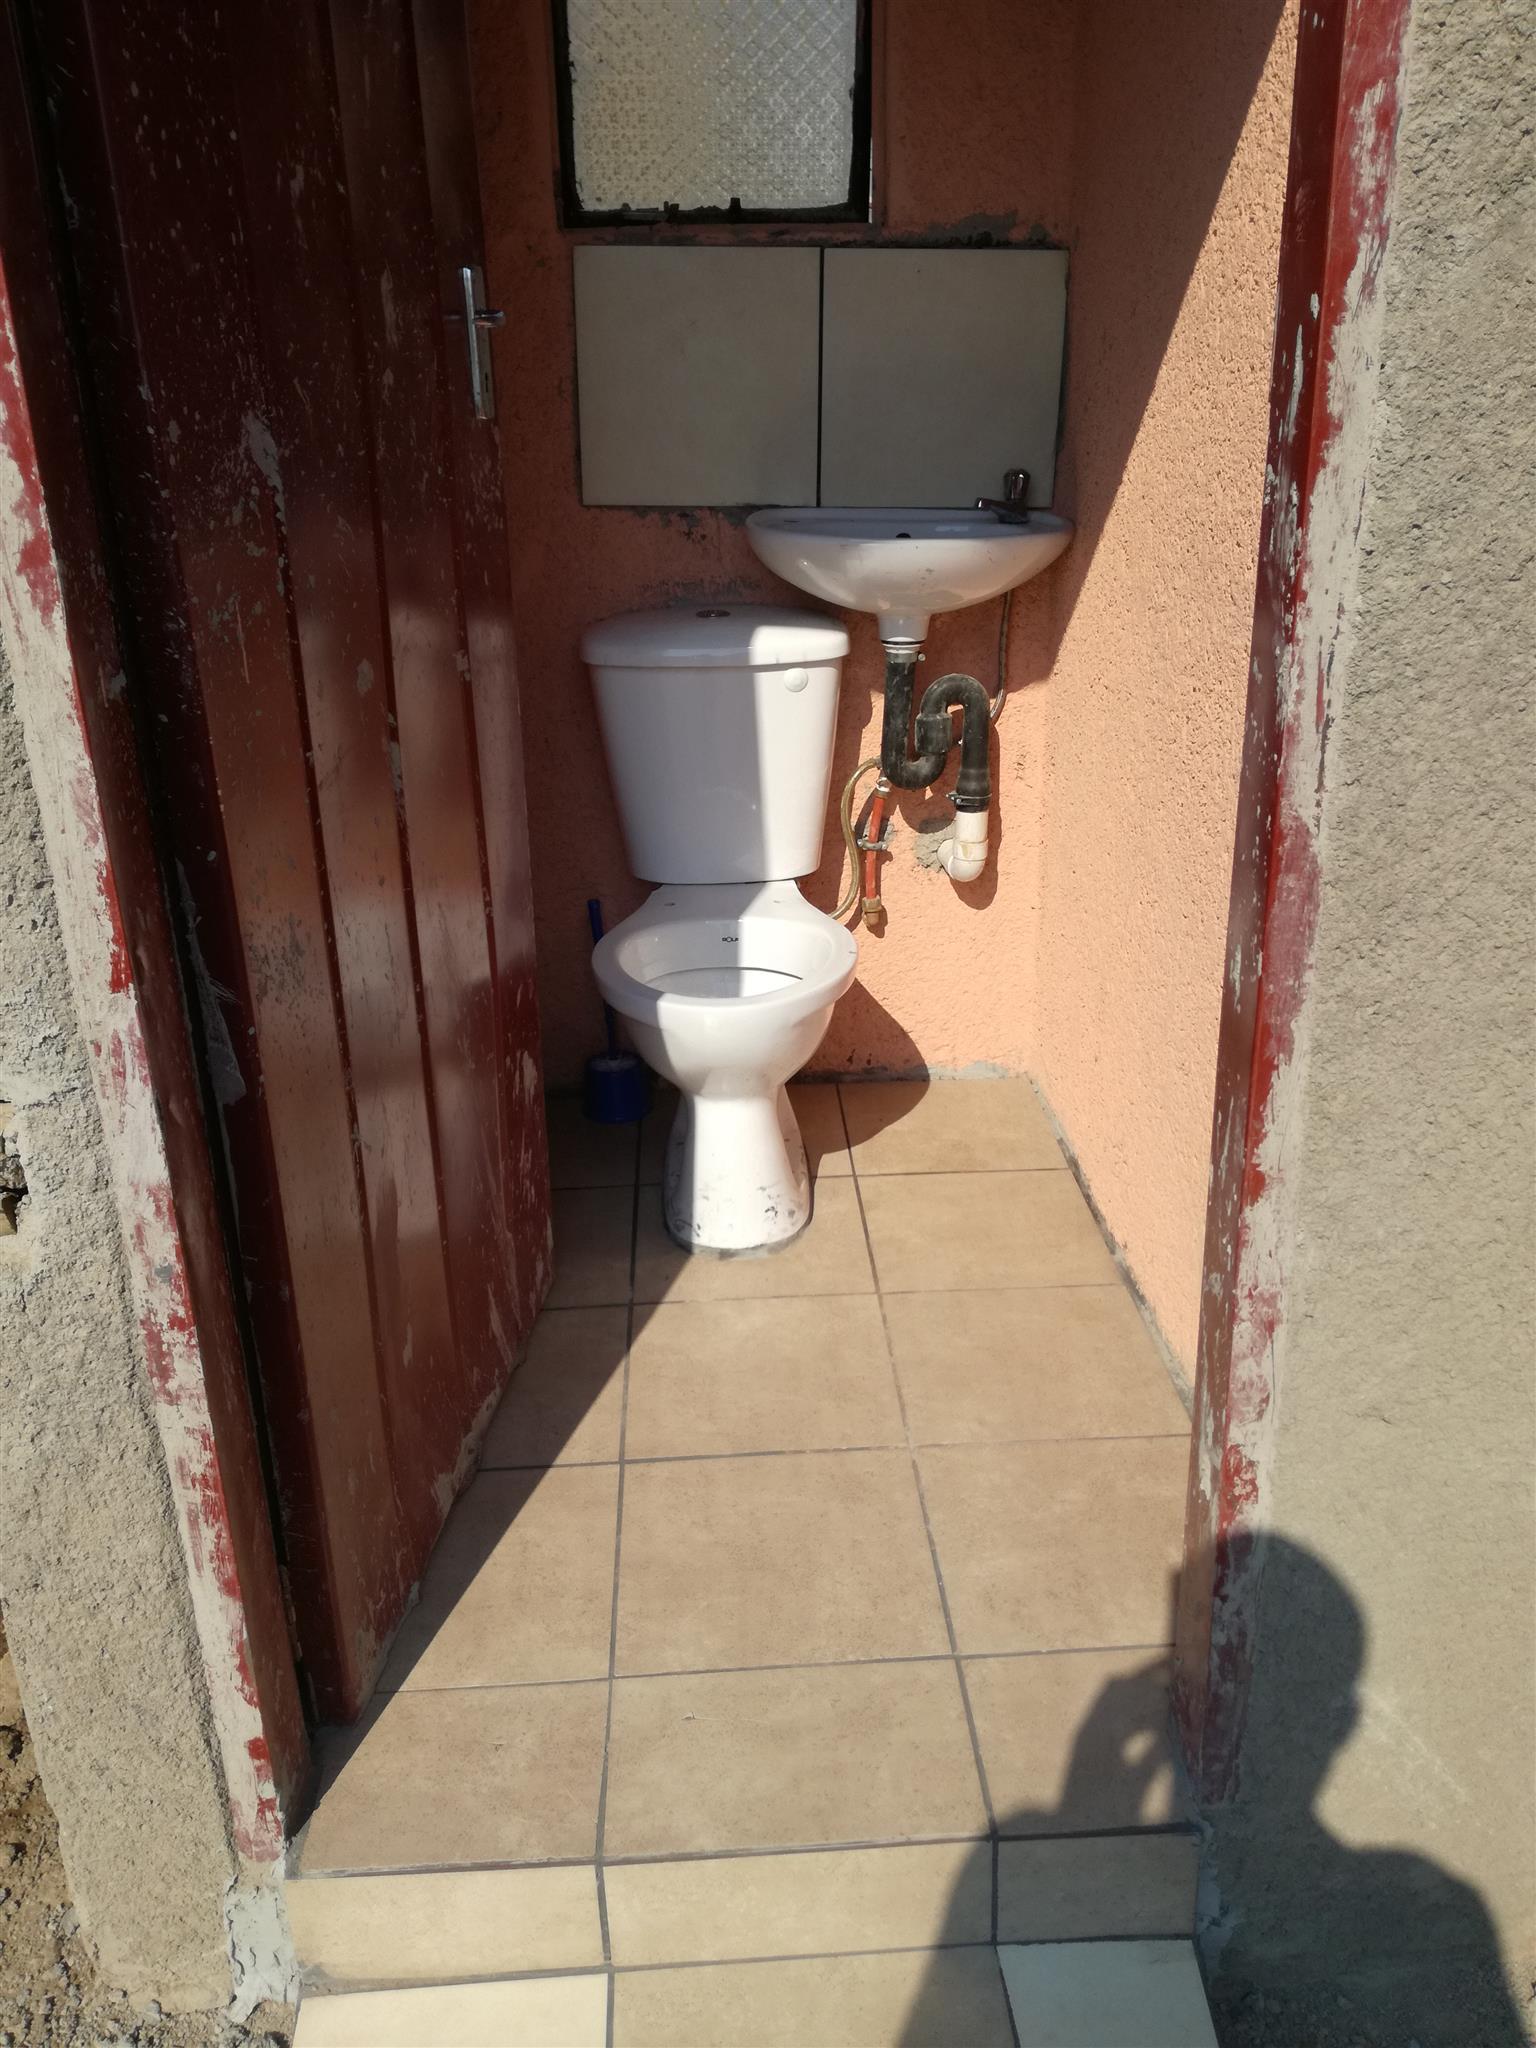 Rooms for rental in hammanskraal kanana ext 2